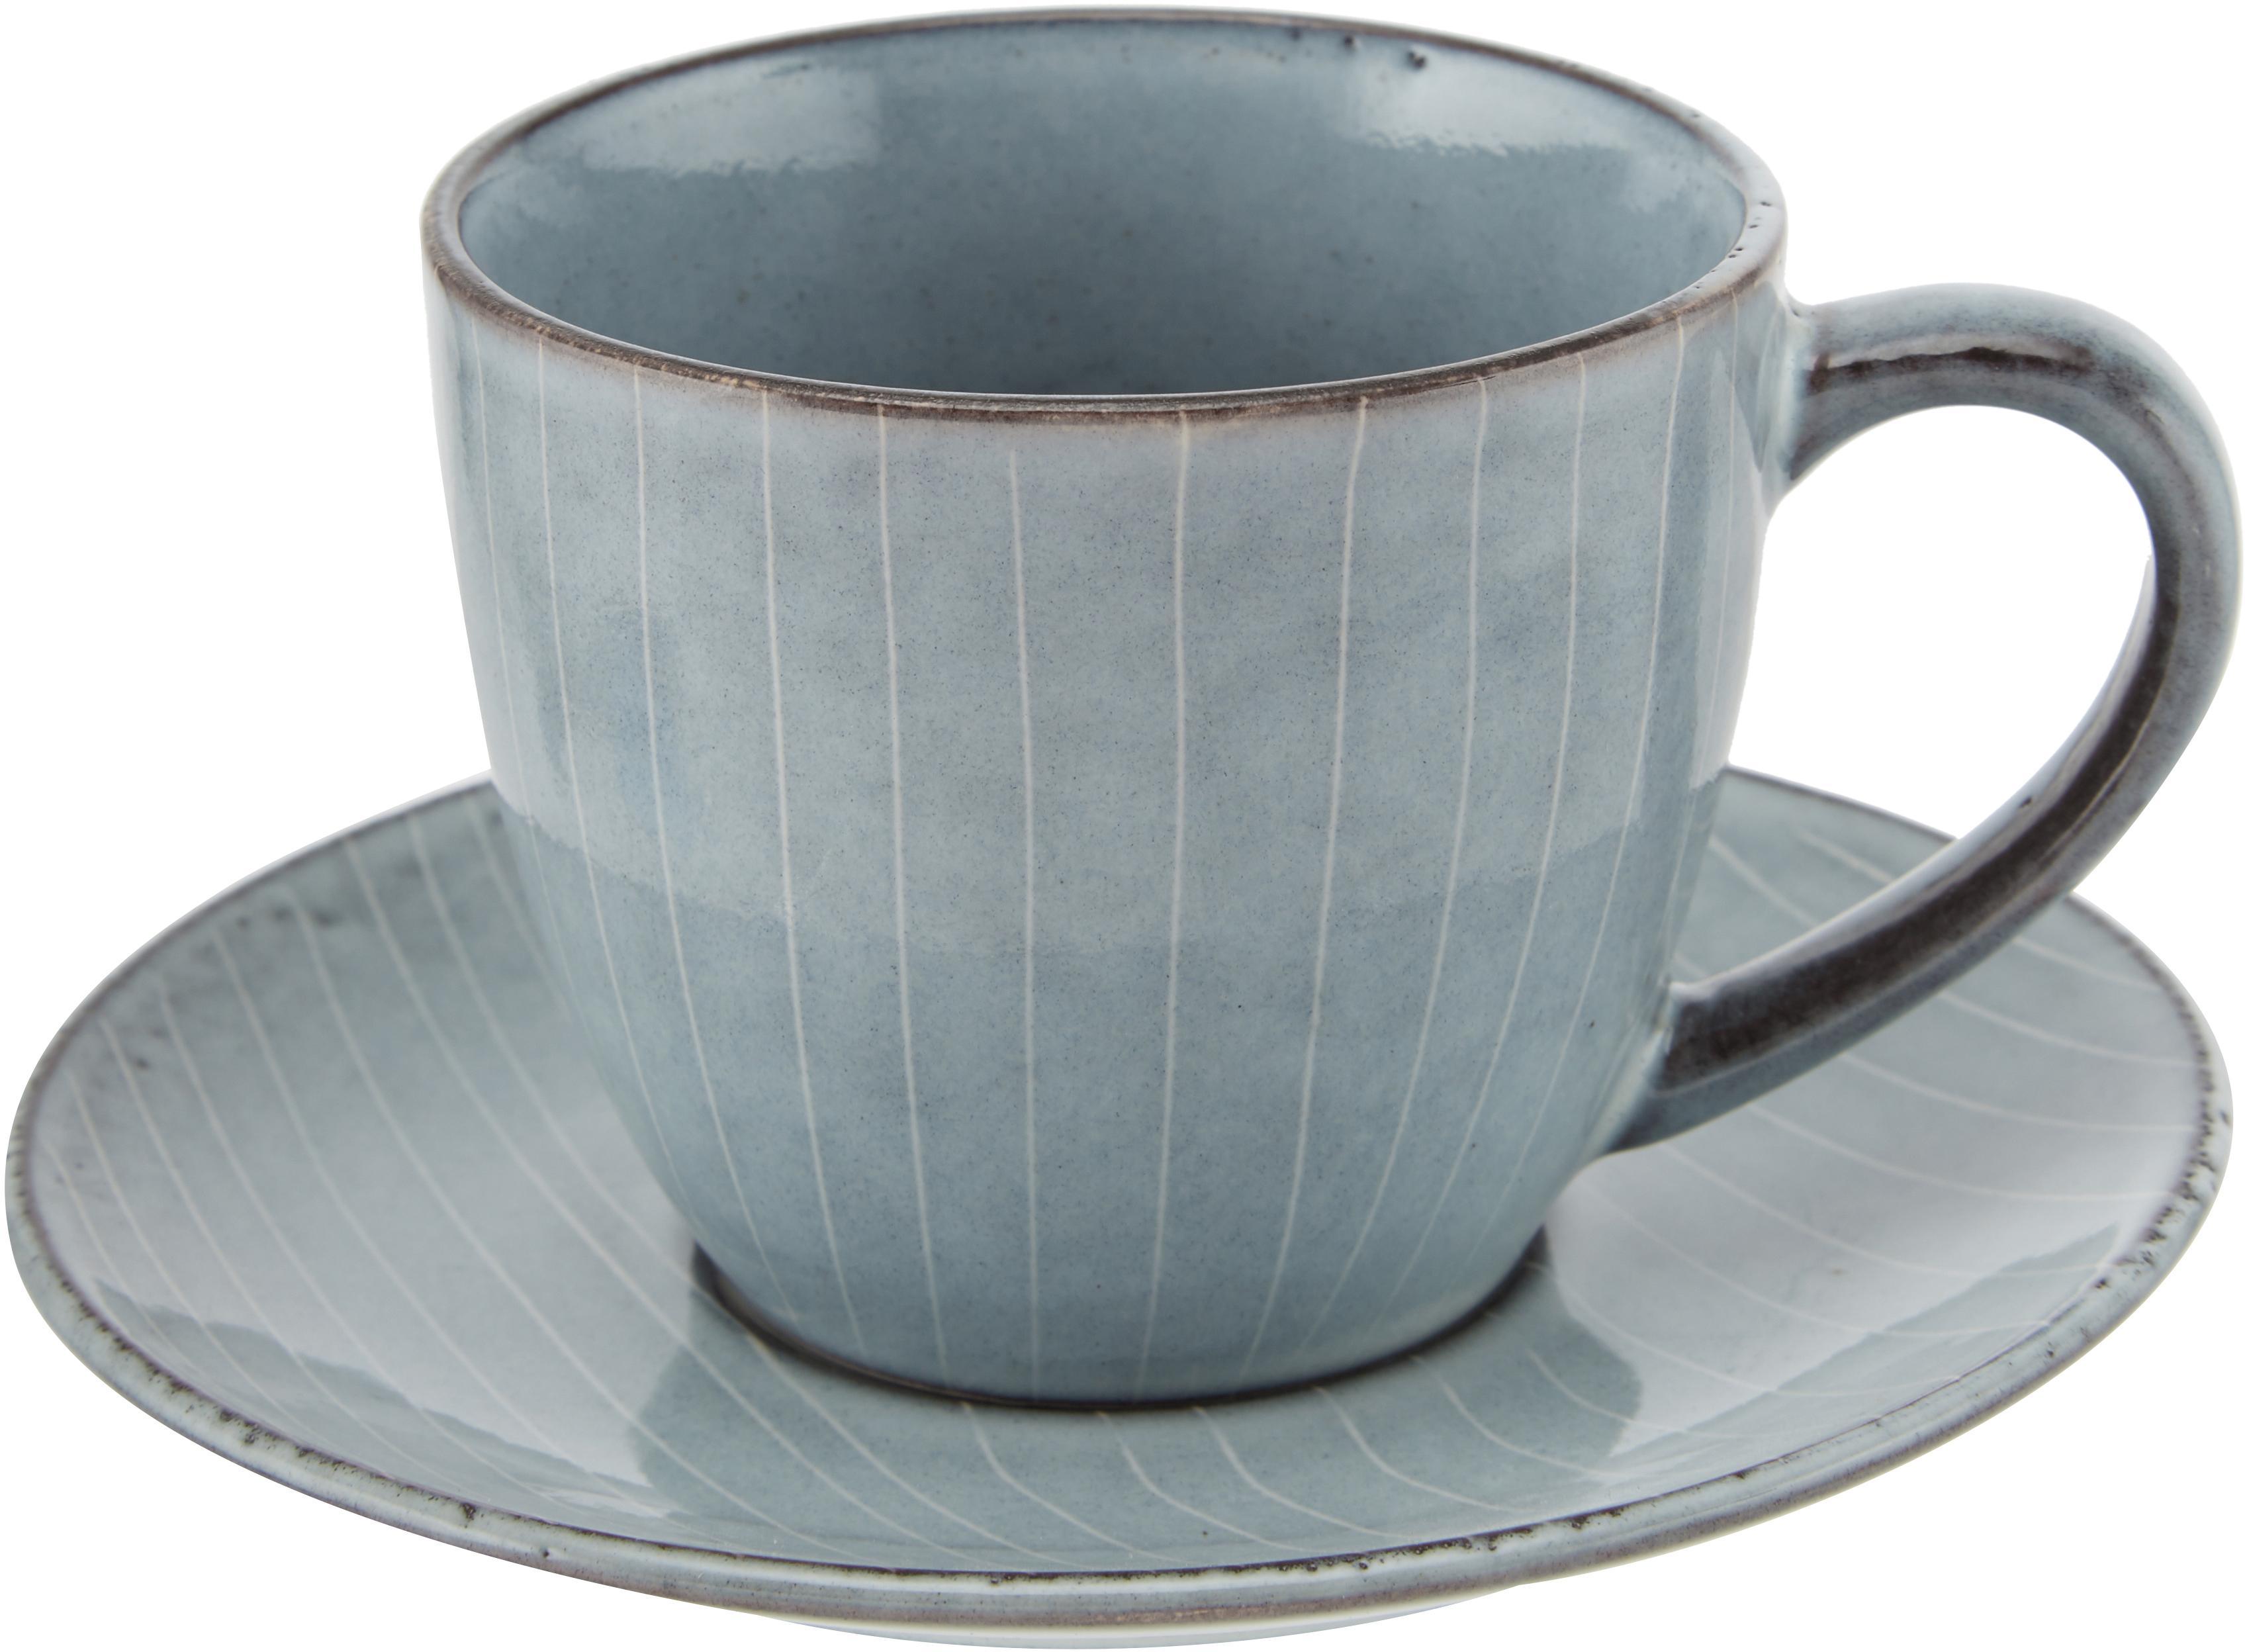 Tazza in terracotta fatta a mano Nordic Sea, Terracotta, Tonalità grigie e blu, Ø 8 x Alt. 7 cm